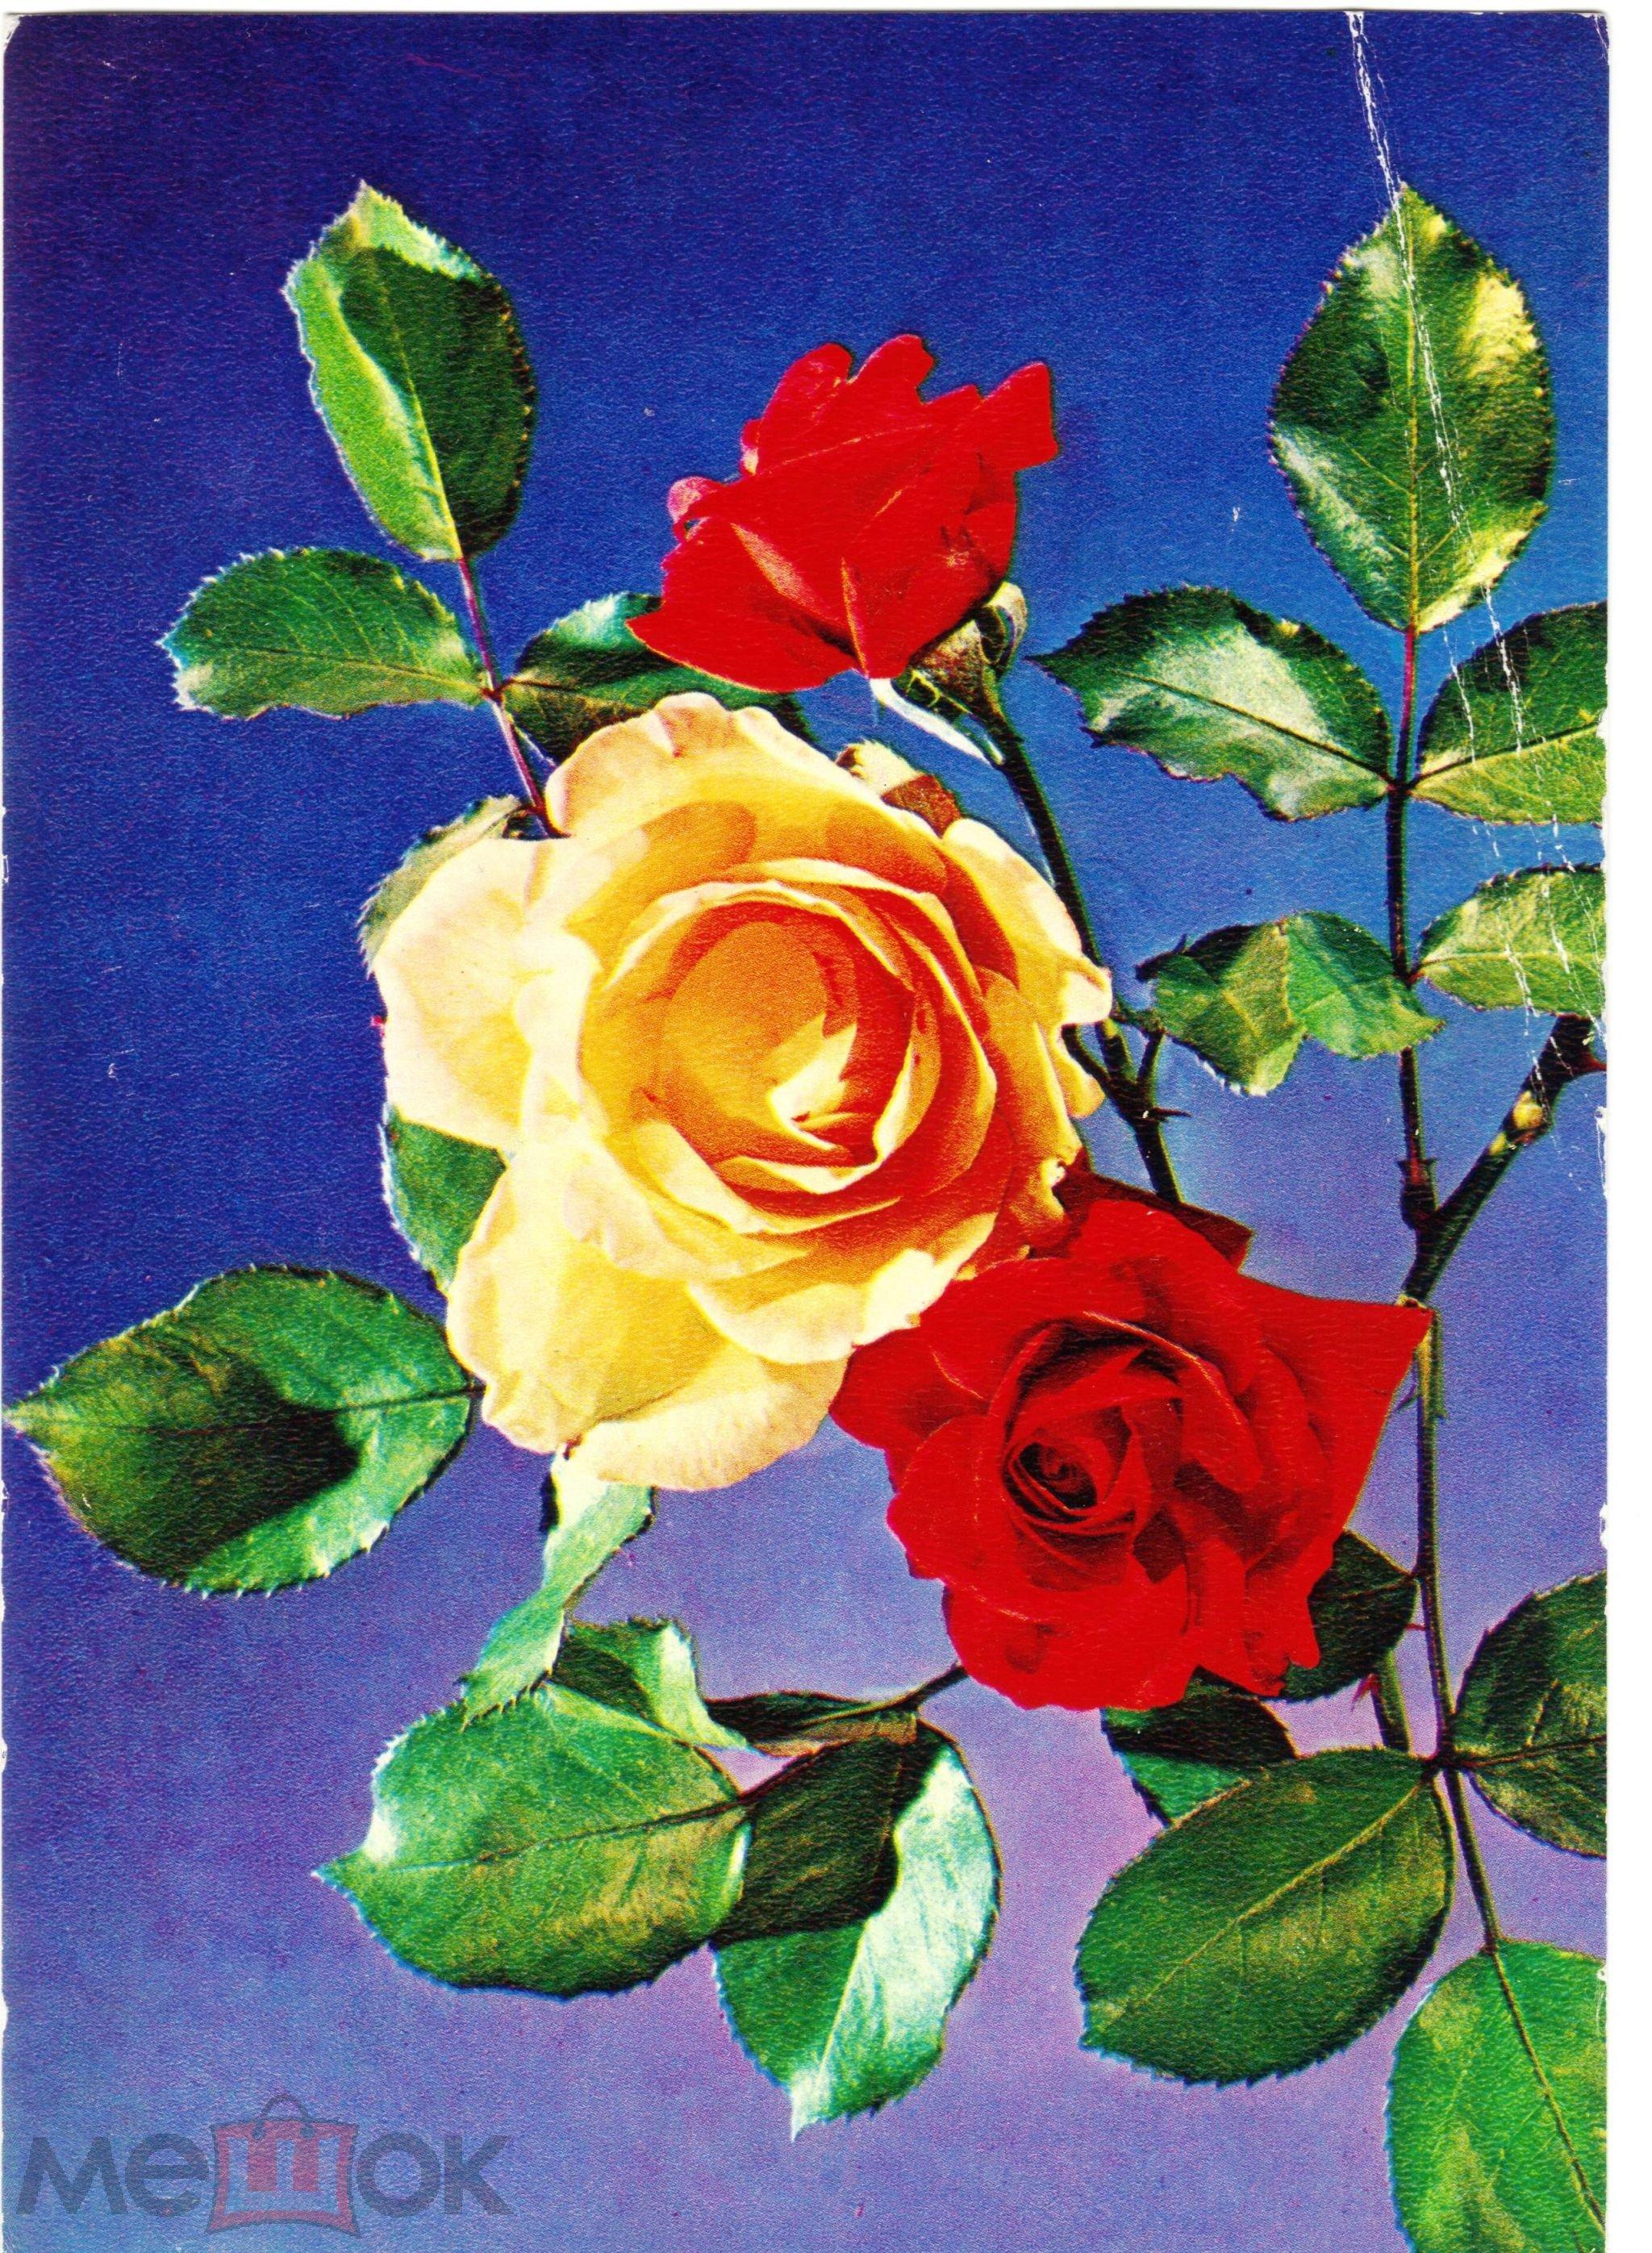 Открытка СССР Розы на ветке, фото Тихонова, чистая, 1977 года